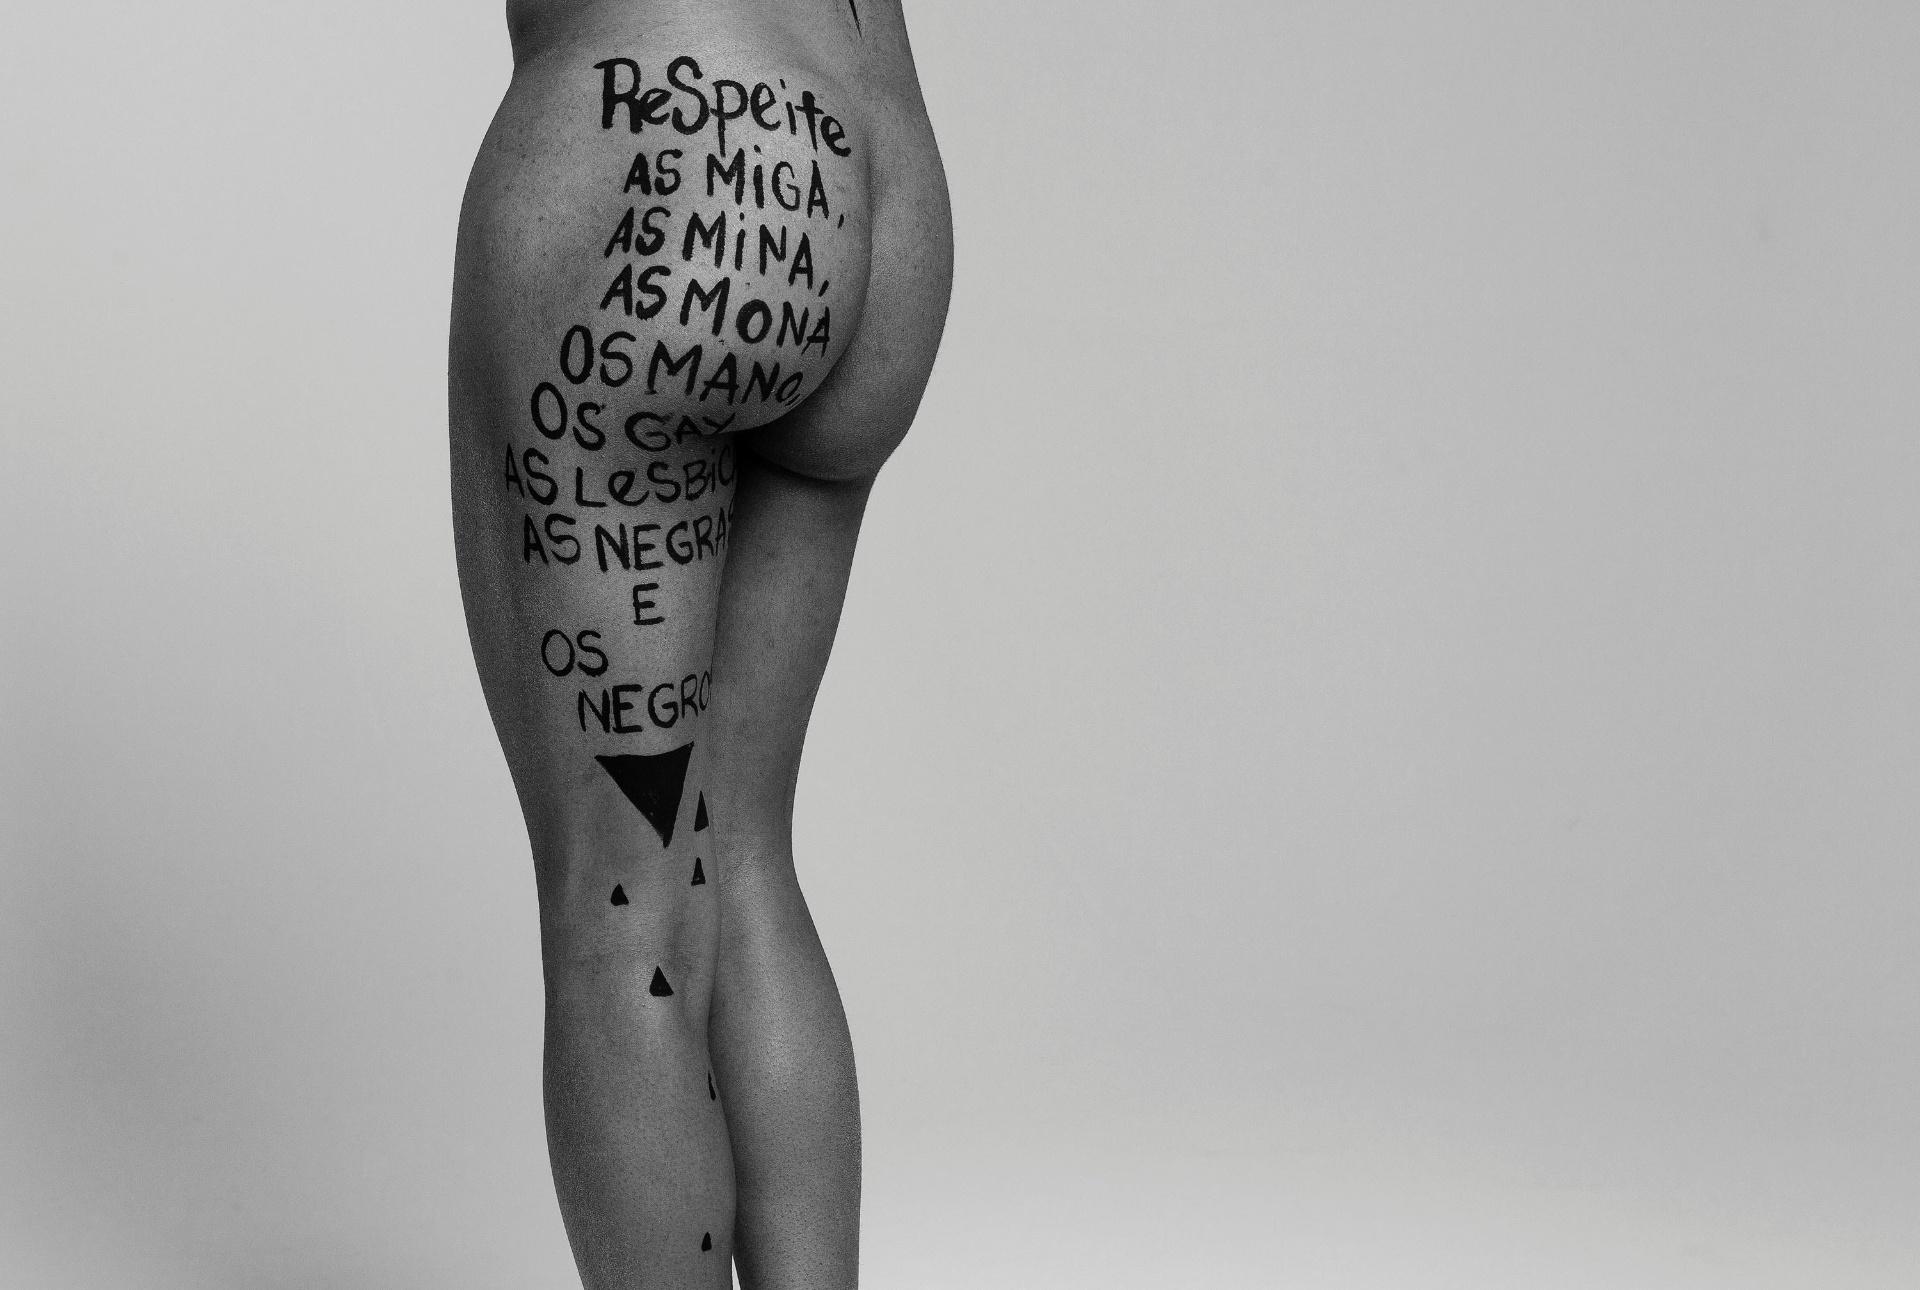 5.jul.2016 - Ensaio fotográfico do projeto Habeas Corpus, idealizado pela artista plástica Barbara Goy e pelo fotógrafo Léo Pinheiro do C41 Estúdio, com o objetivo de denunciar o machismo e a cultura do estupro. Seis mulheres e uma transexual foram pintadas pela artista com frases de empoderamento feminino e de protesto ao machismo e a opressão. O projeto pretende se tornar uma exposição itinerante e visa servir de voz para mulheres e dar um fim a cultura de opressão que ainda se faz forte nos dias de hoje